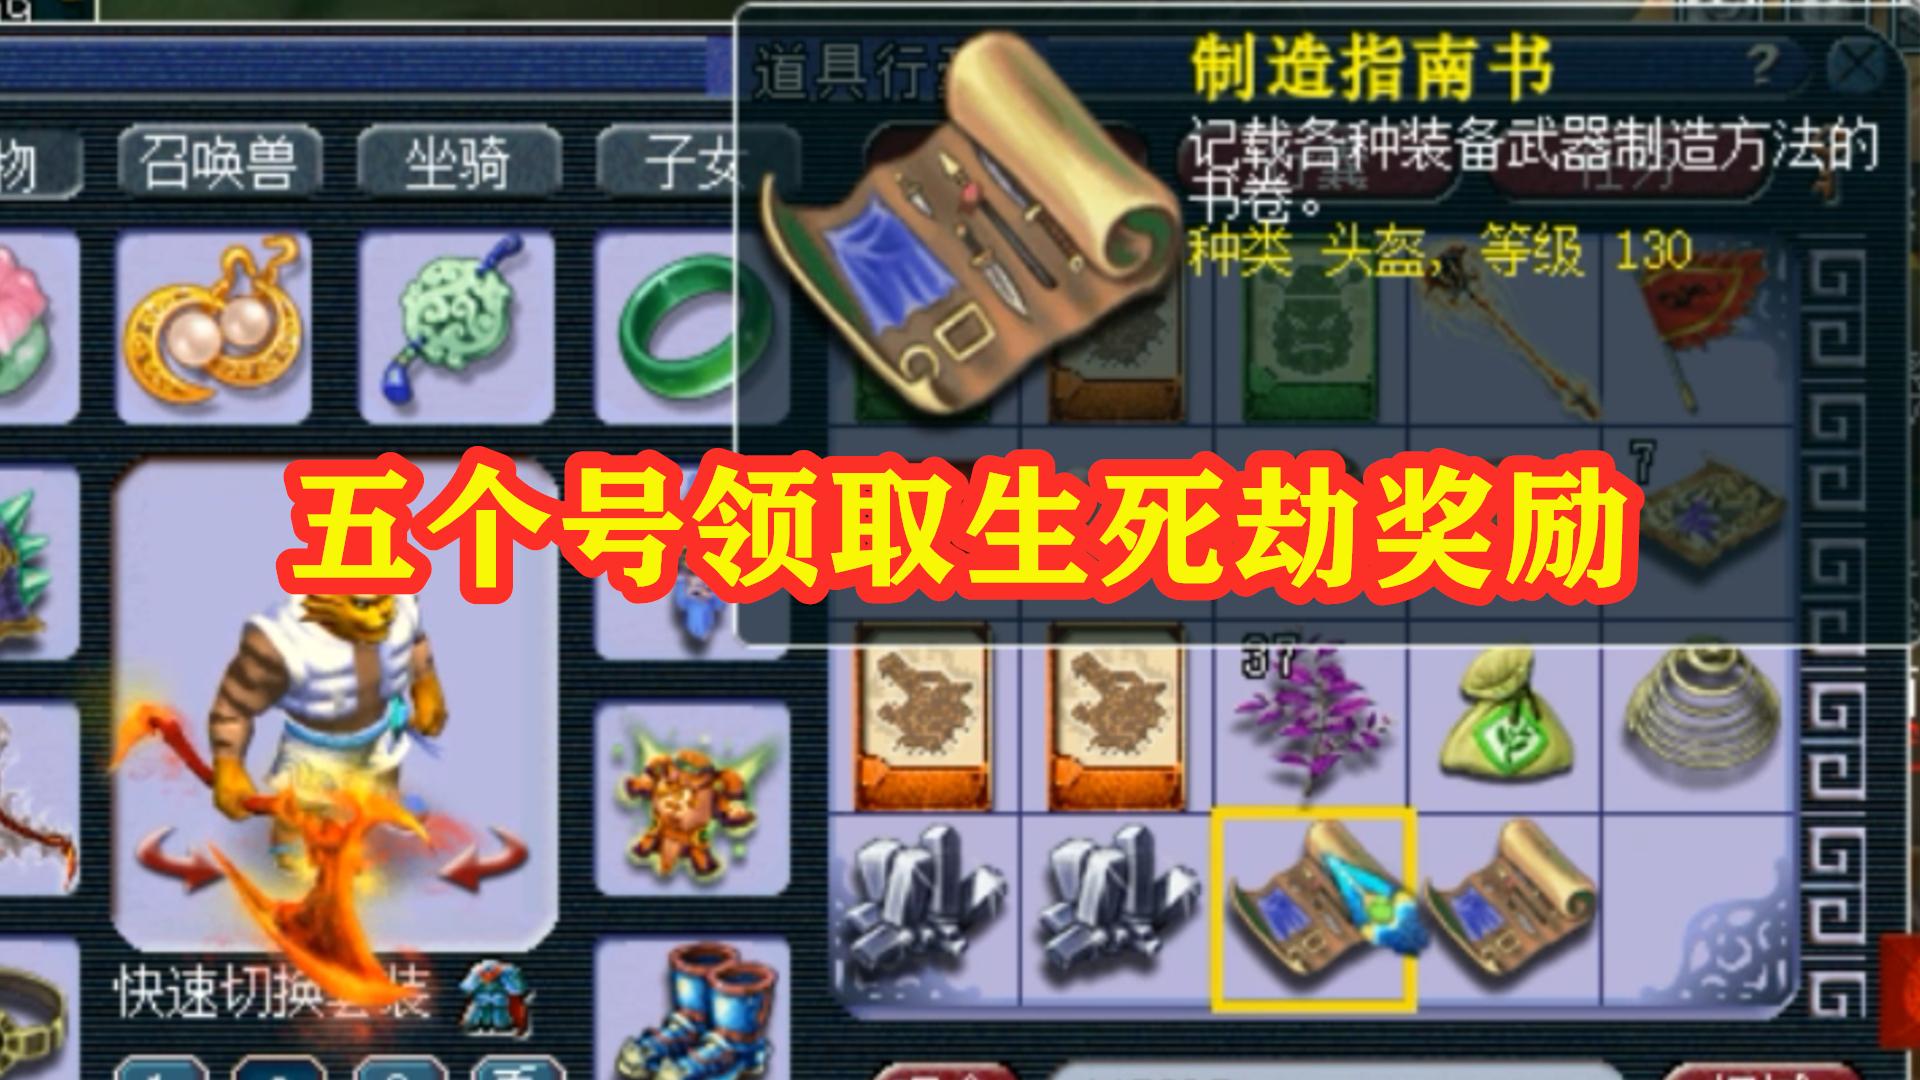 梦幻西游:连续领取五个号的生死劫奖励,看老王这次是赚是亏?